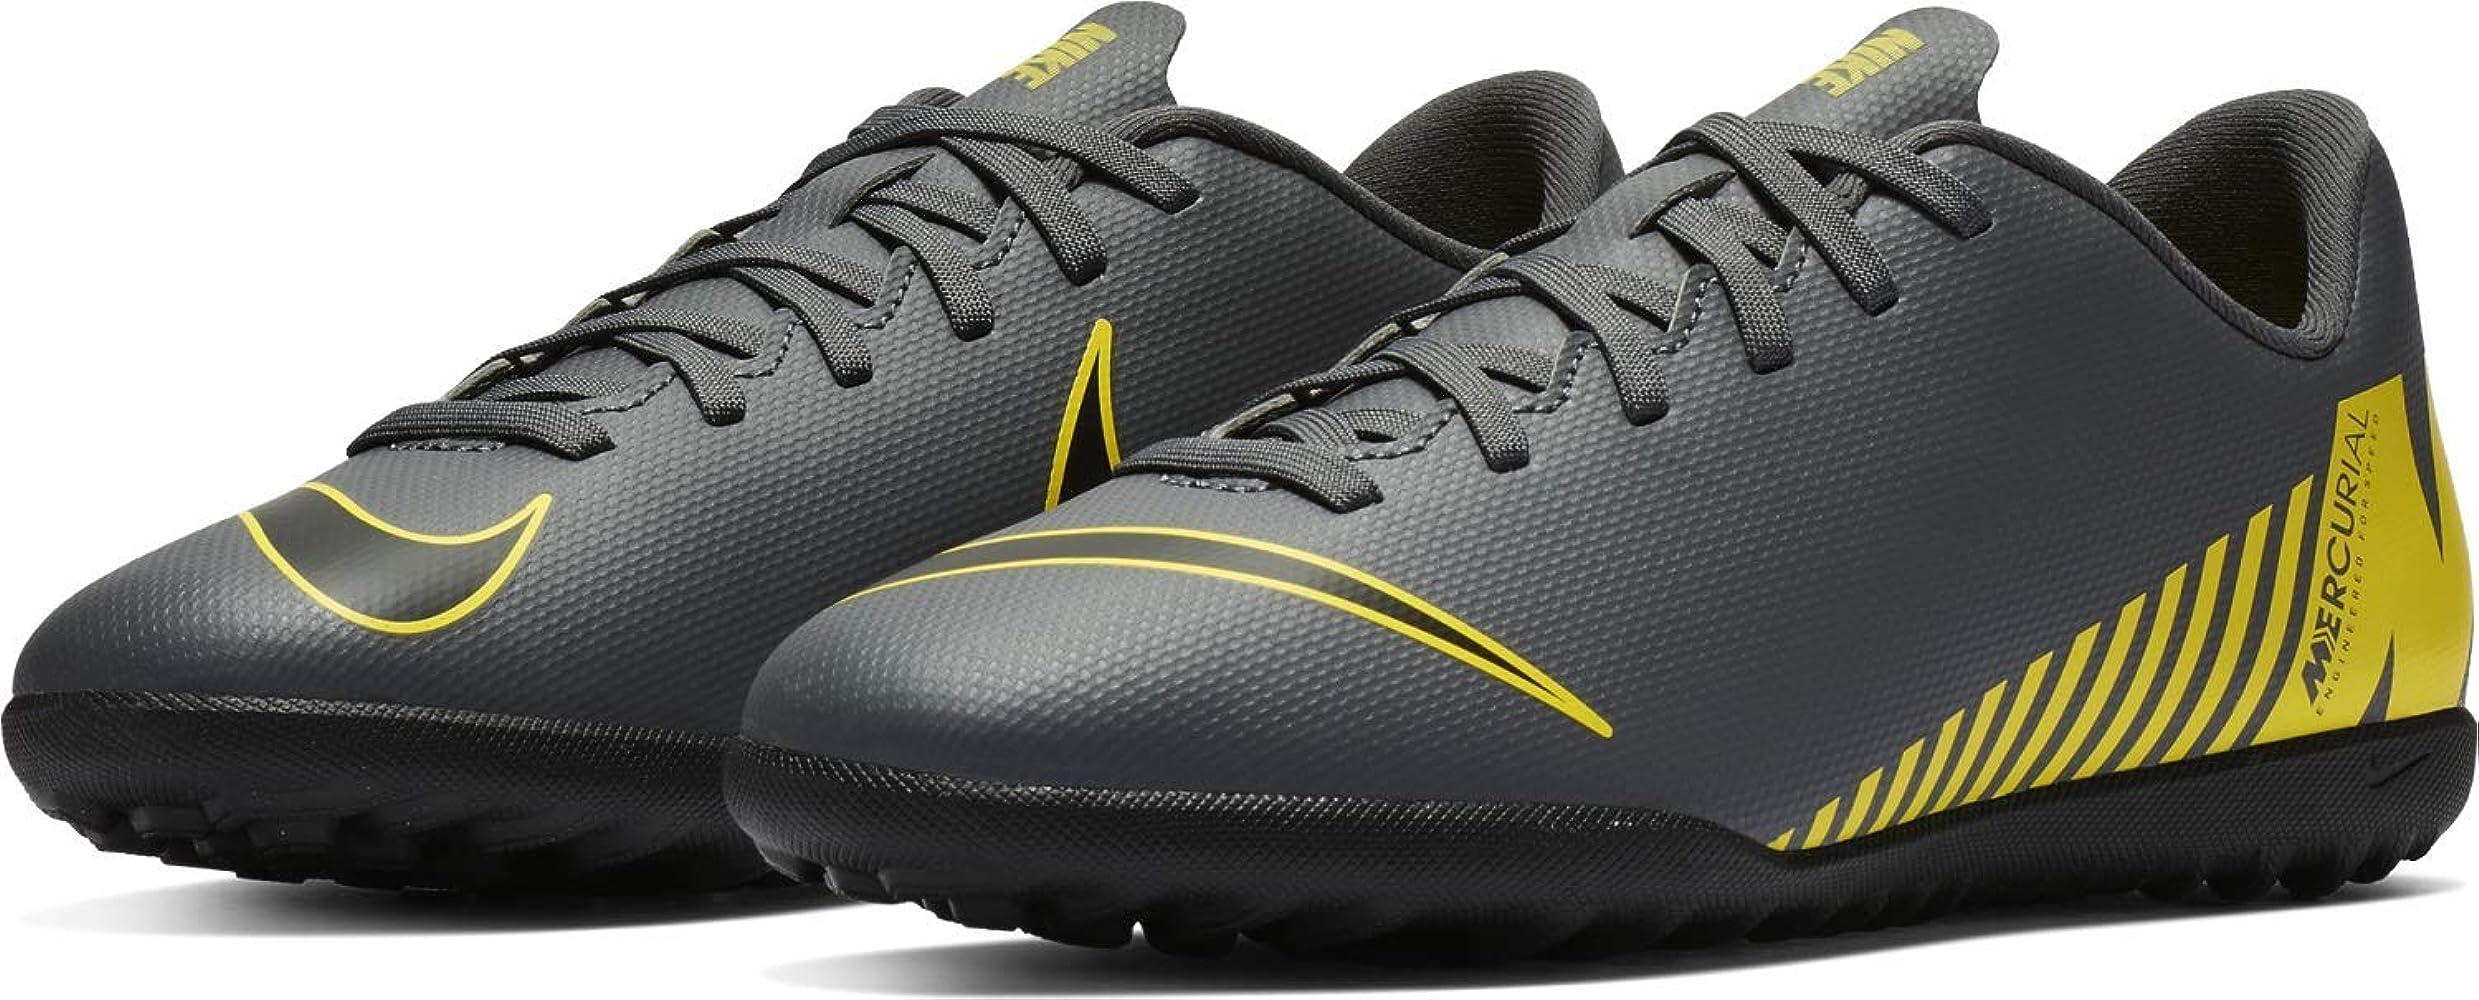 bd195896fd9 Nike - FUTBOL7 NIKE Mercurial Vapor 12 Club GS TF Junior Game Over Hombre